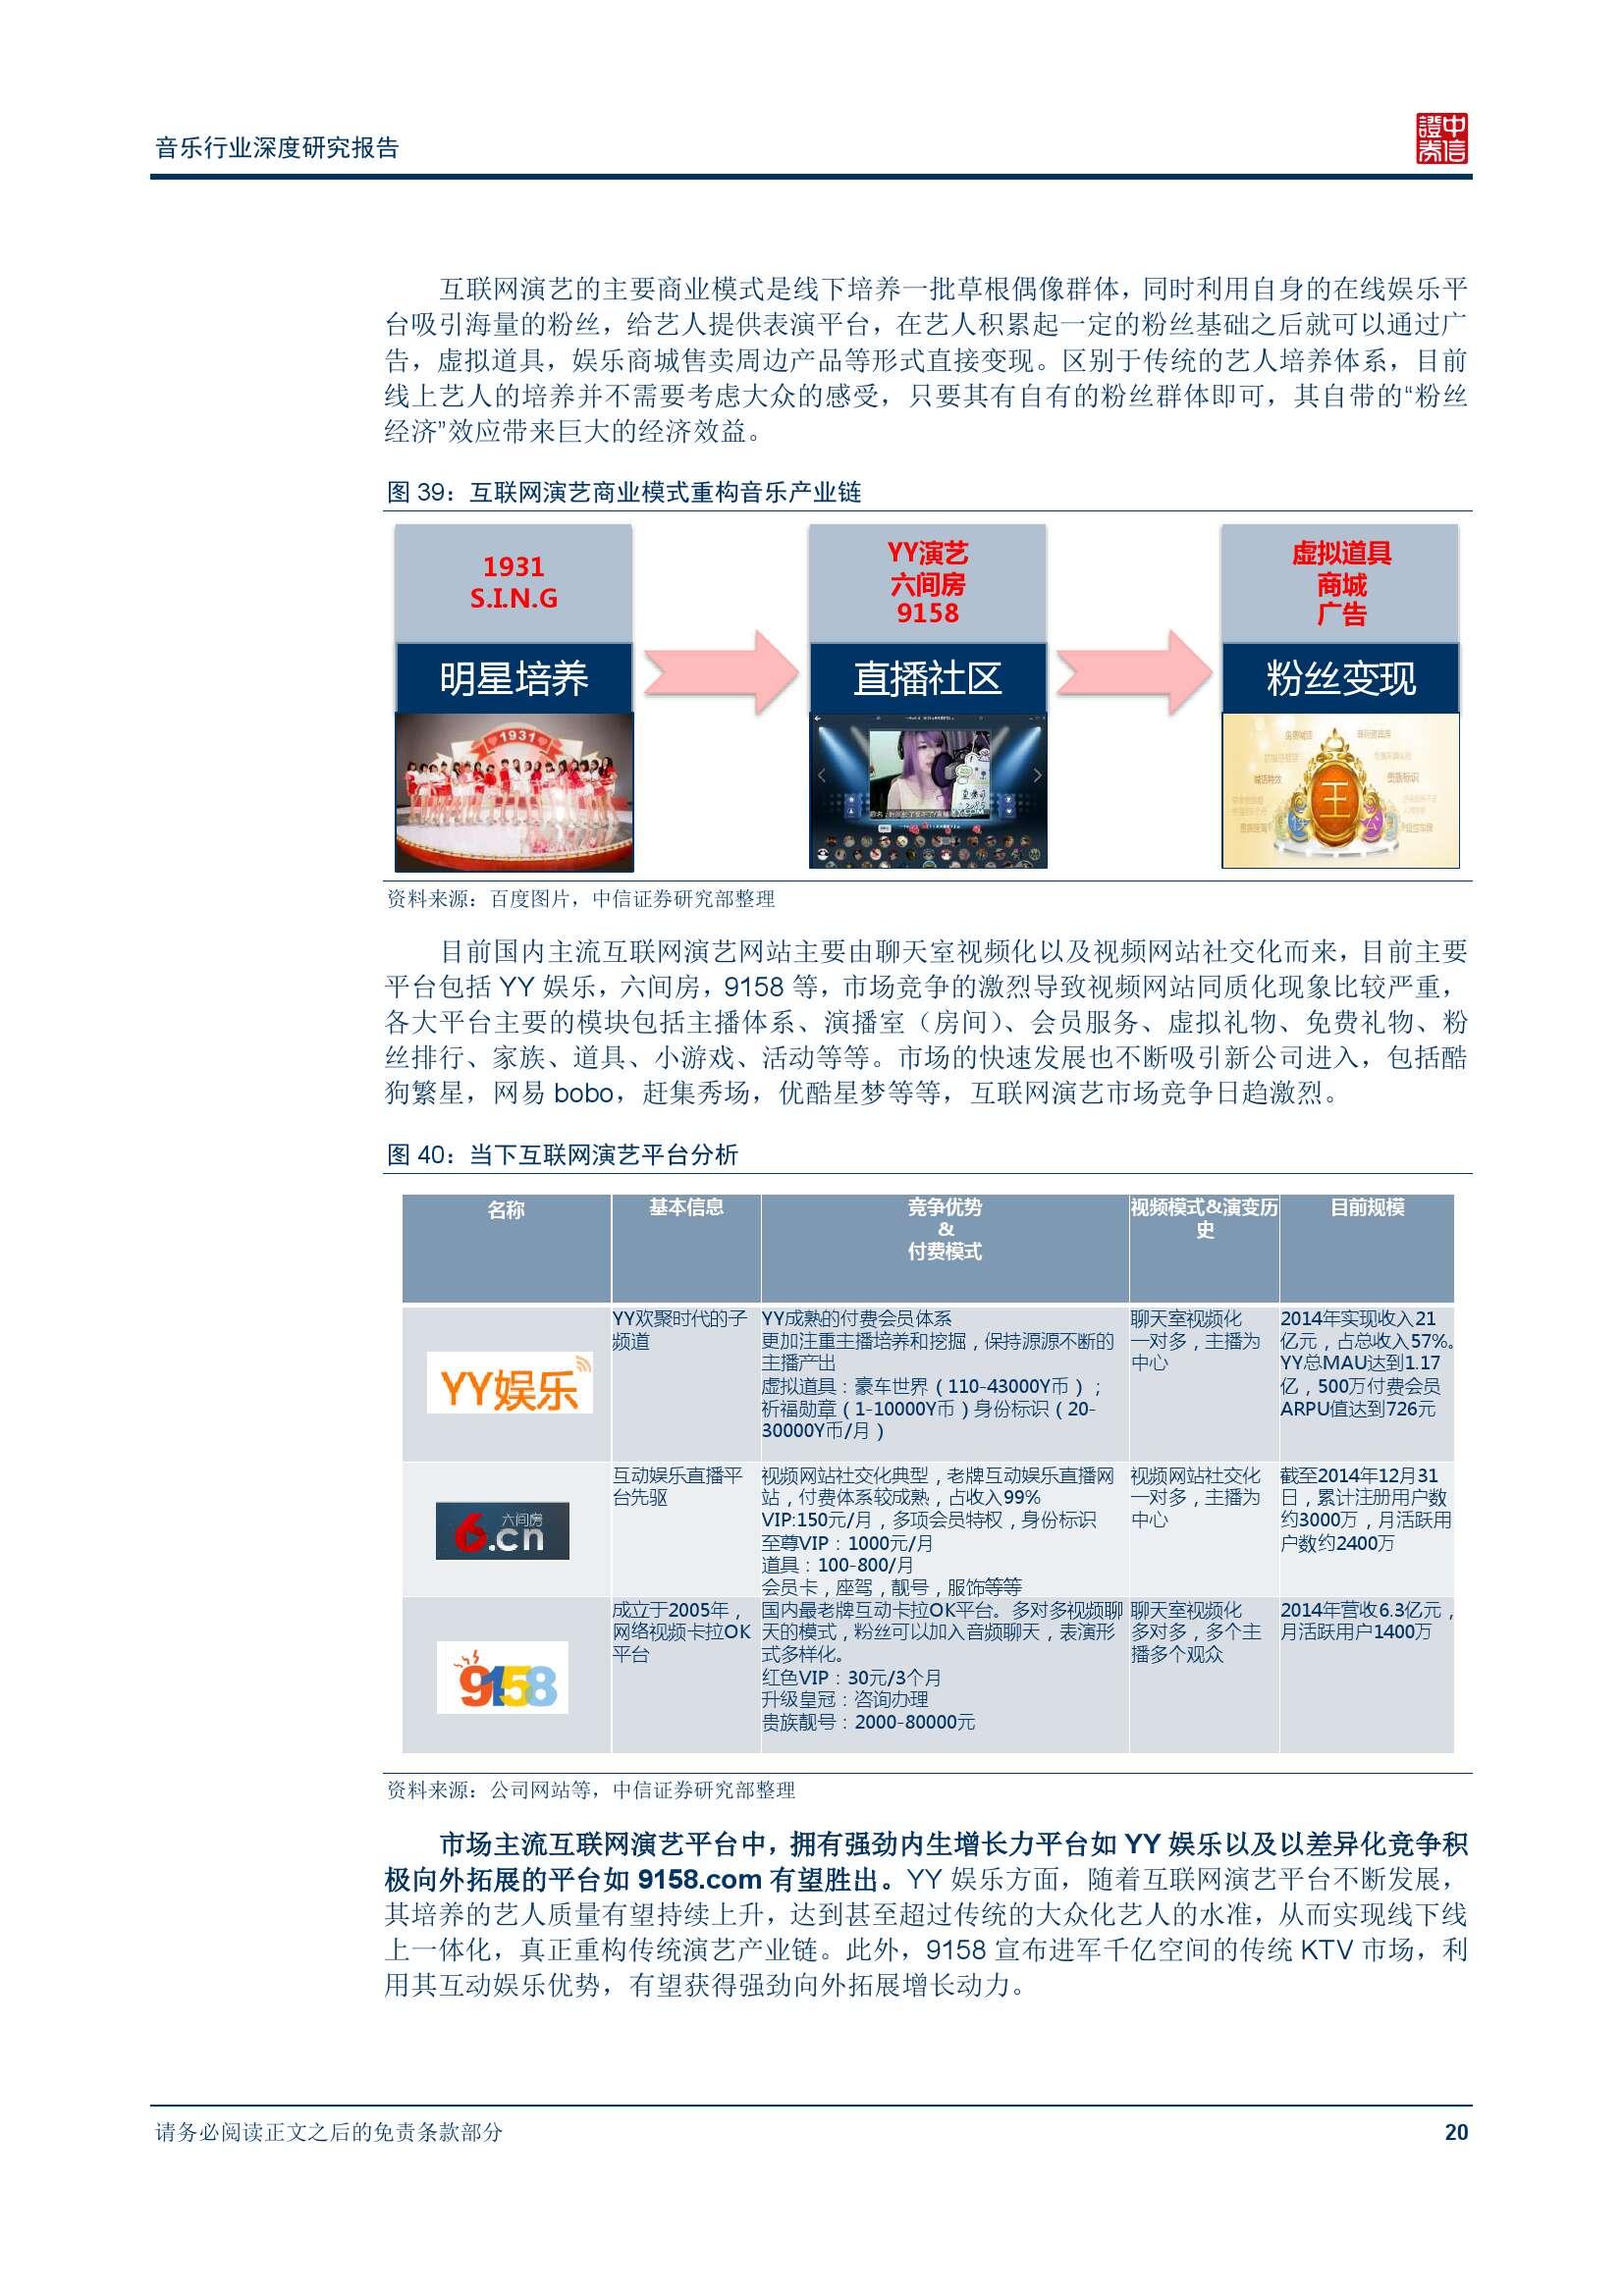 中信证券音乐行业深度研究报告_000025